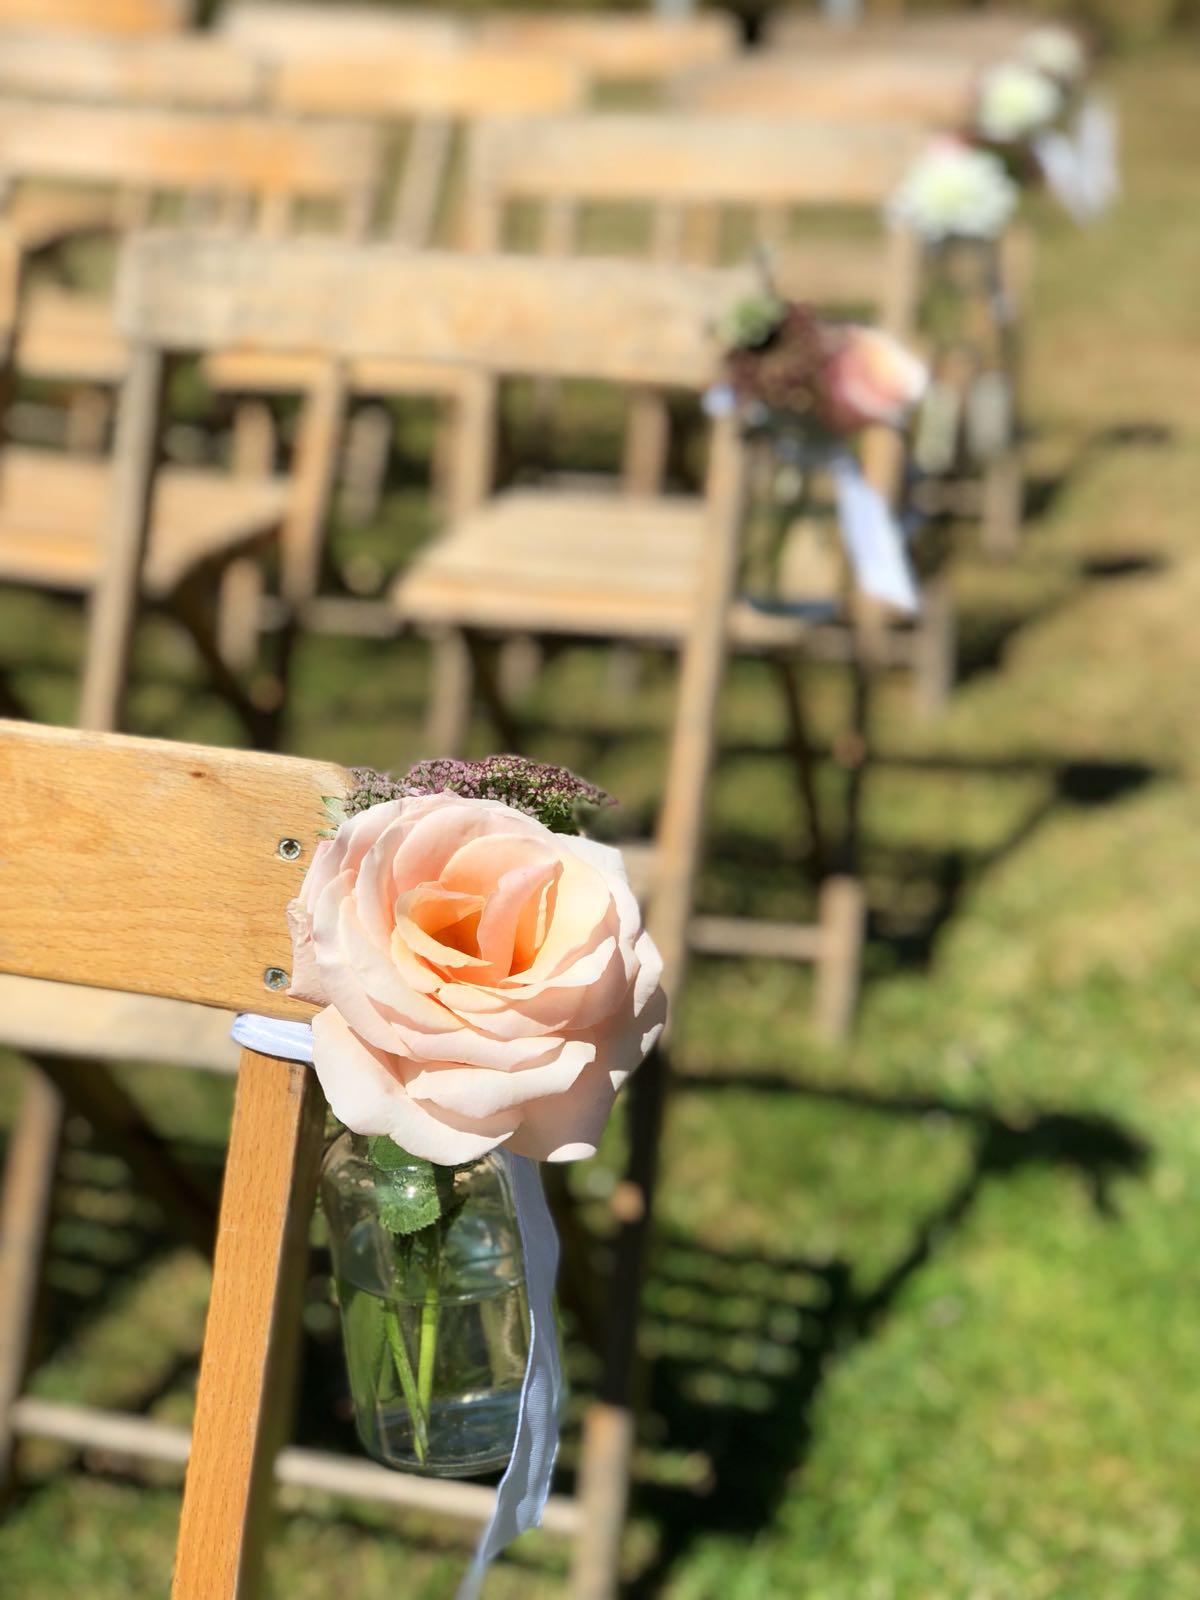 Bruiloft Maren en Tim ceremoniesetting bloem aan stoel